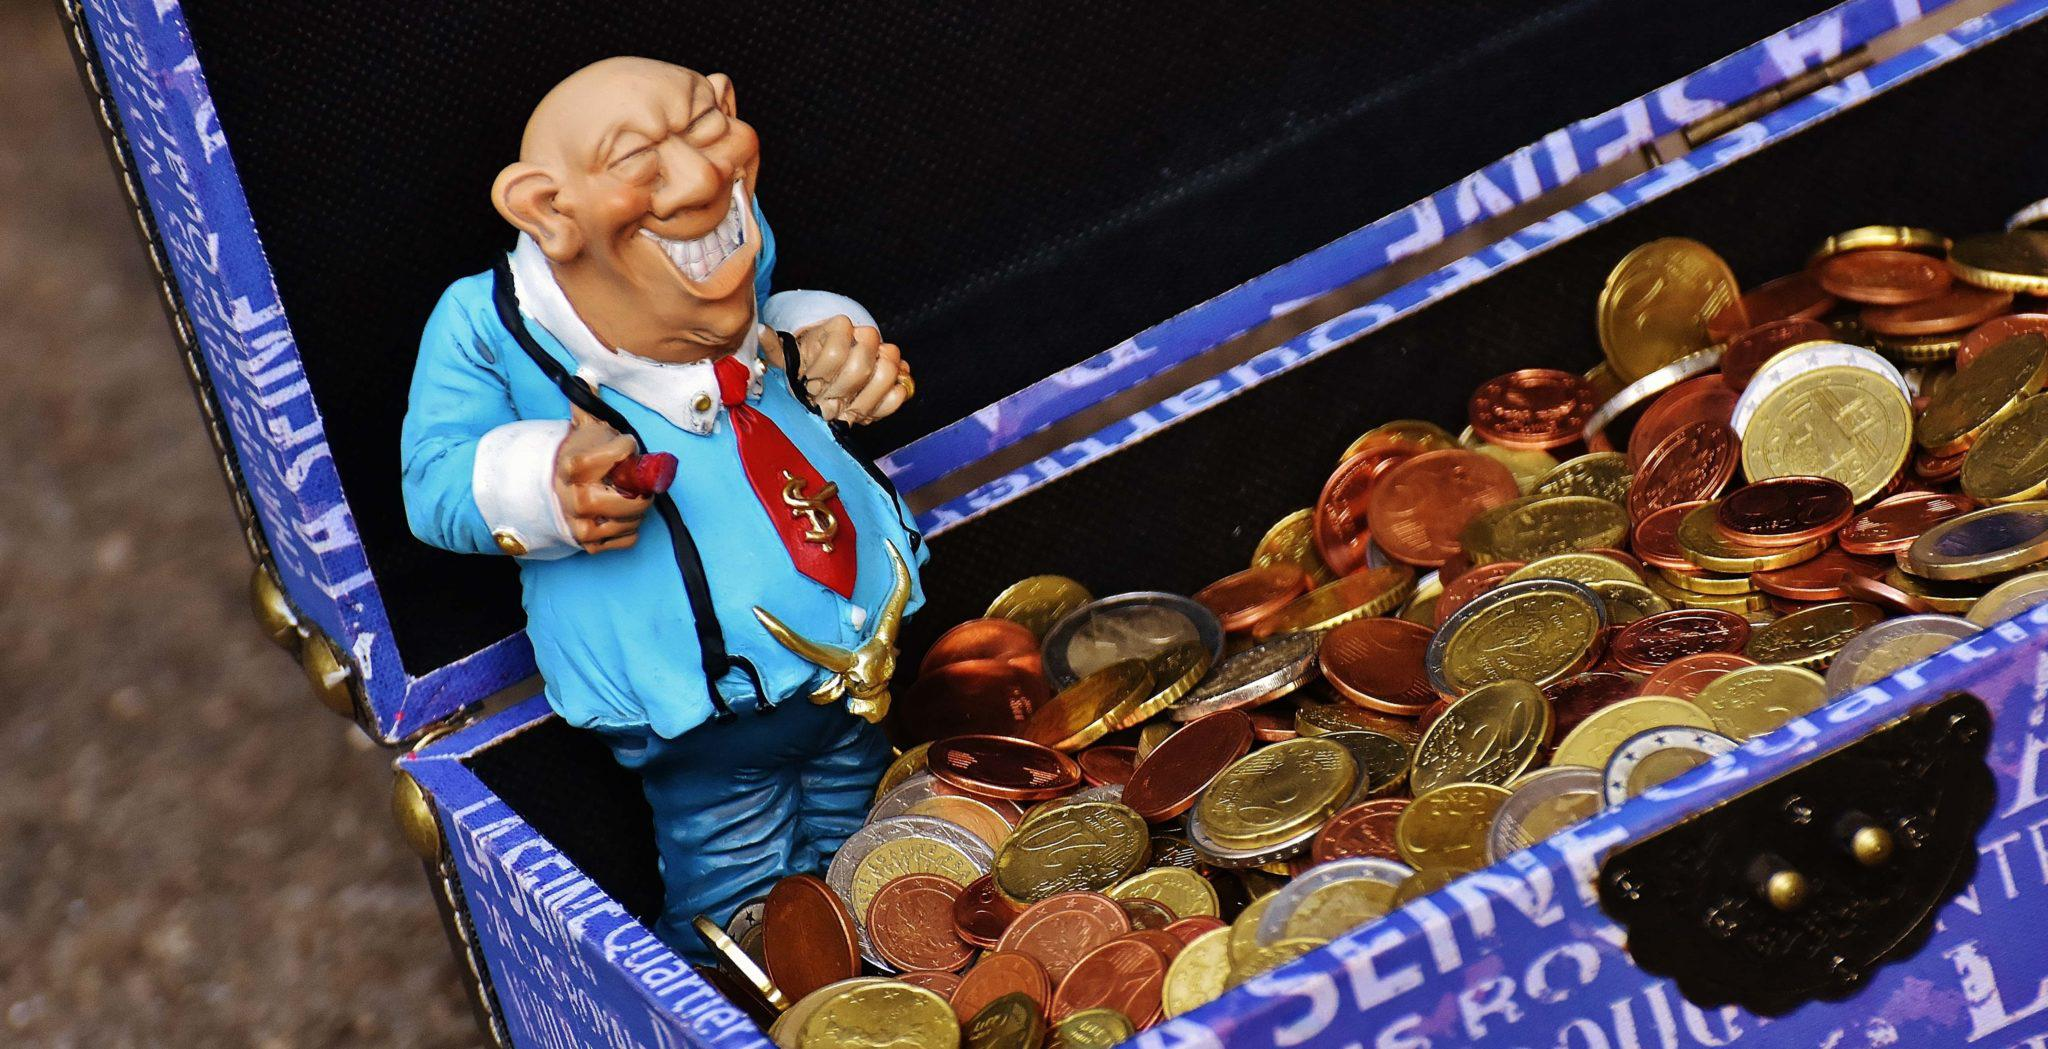 Energieakkoord kost duizenden euro's per Nederlander